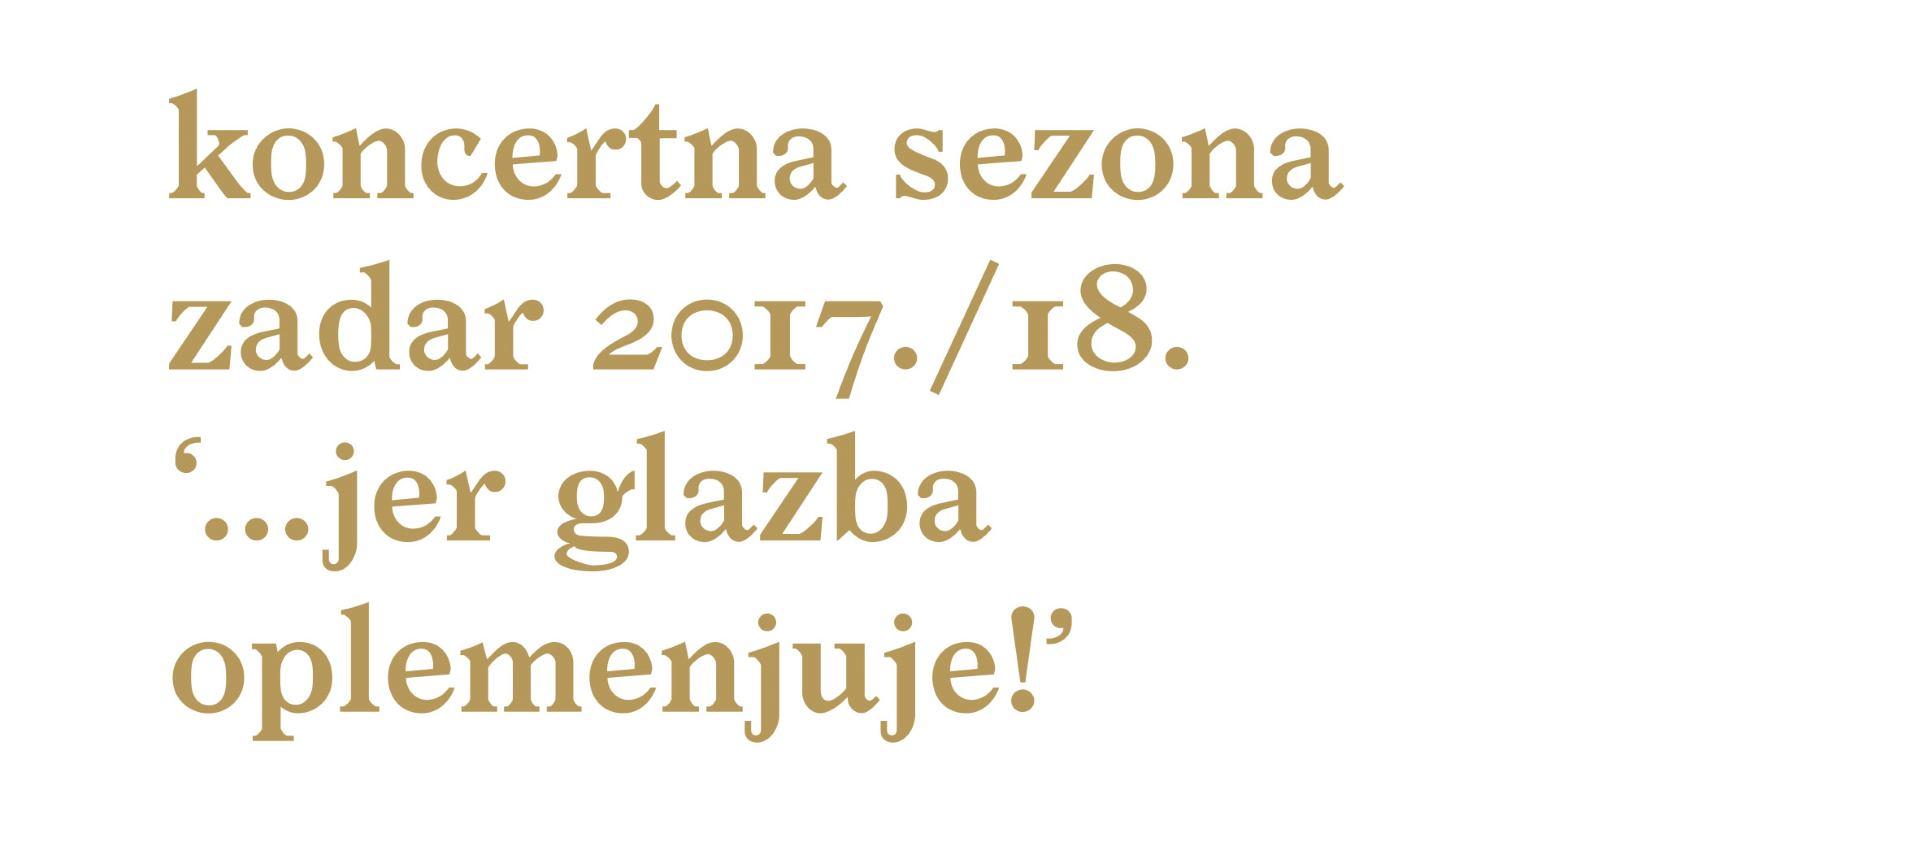 Uskoro započinje Koncertna sezona Zadar 2017/2018